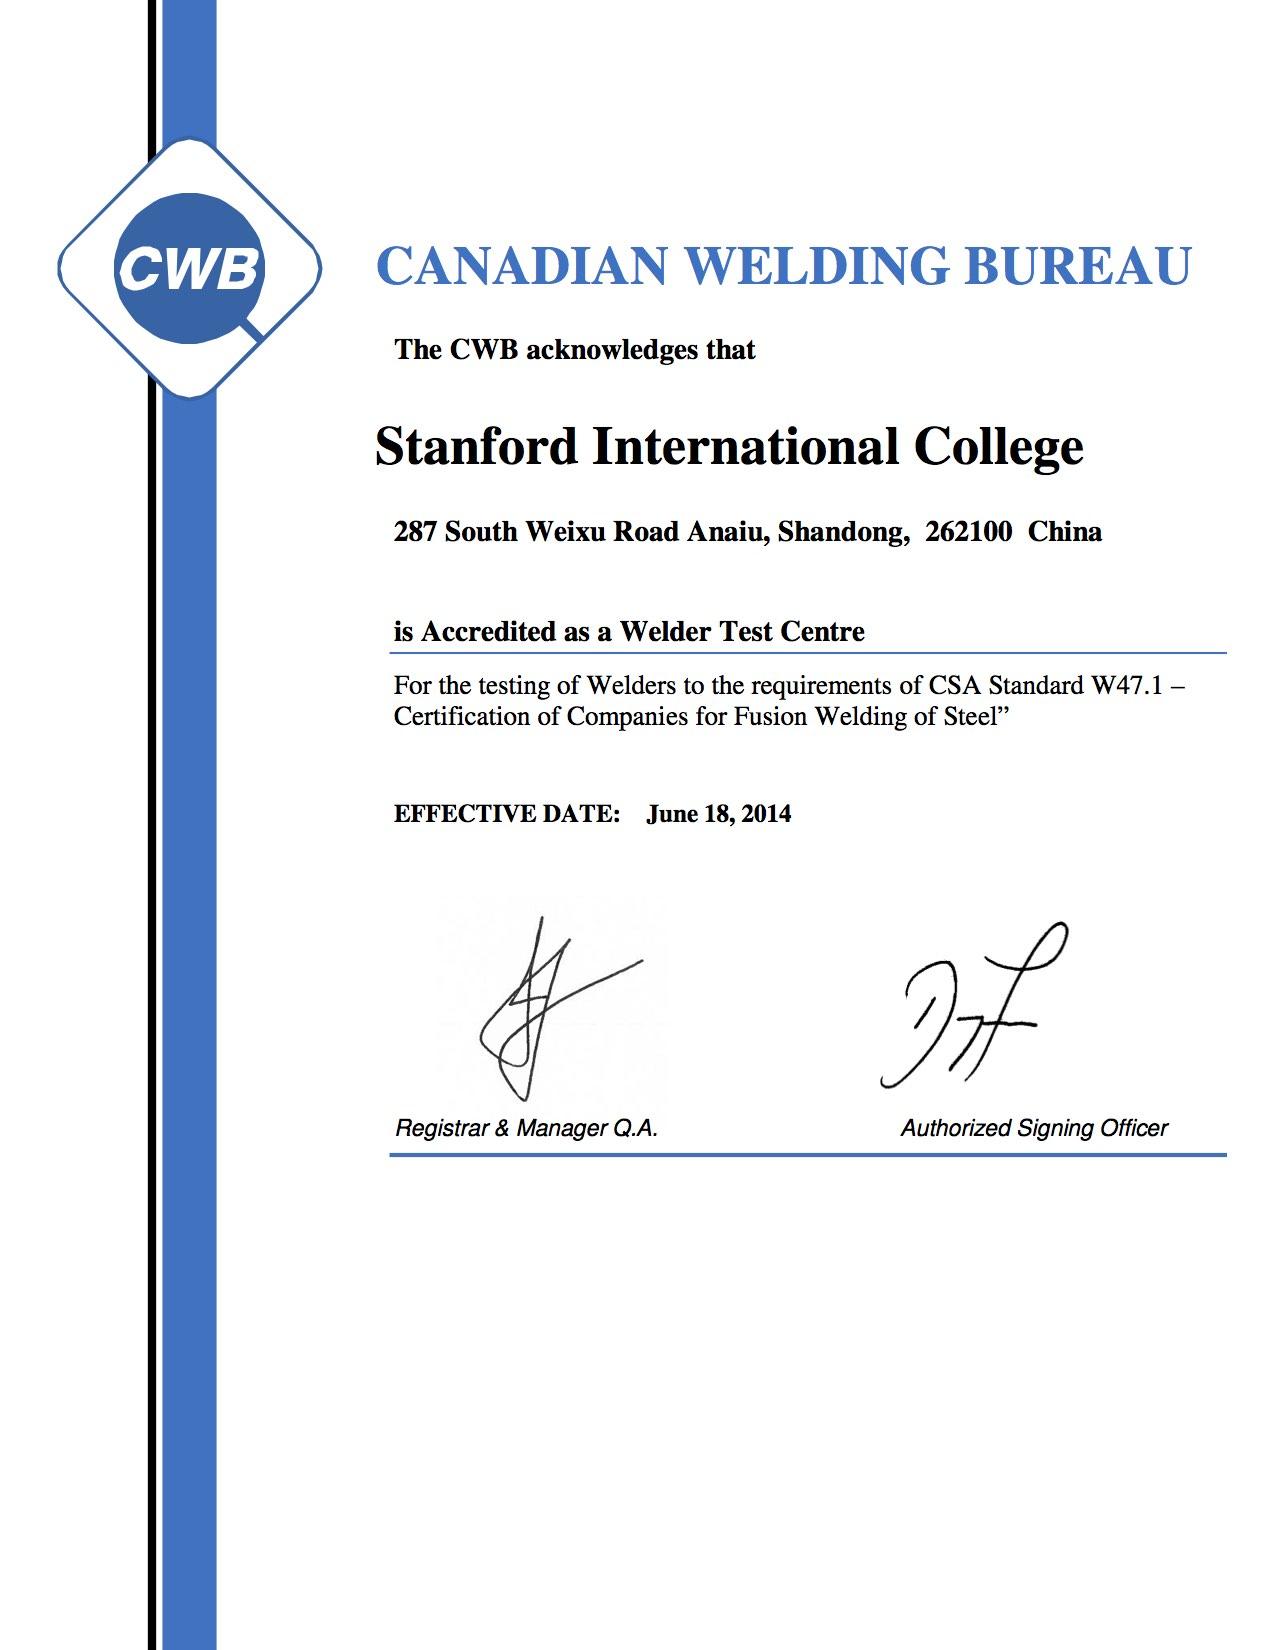 Canadian Welding Bureau Certificate